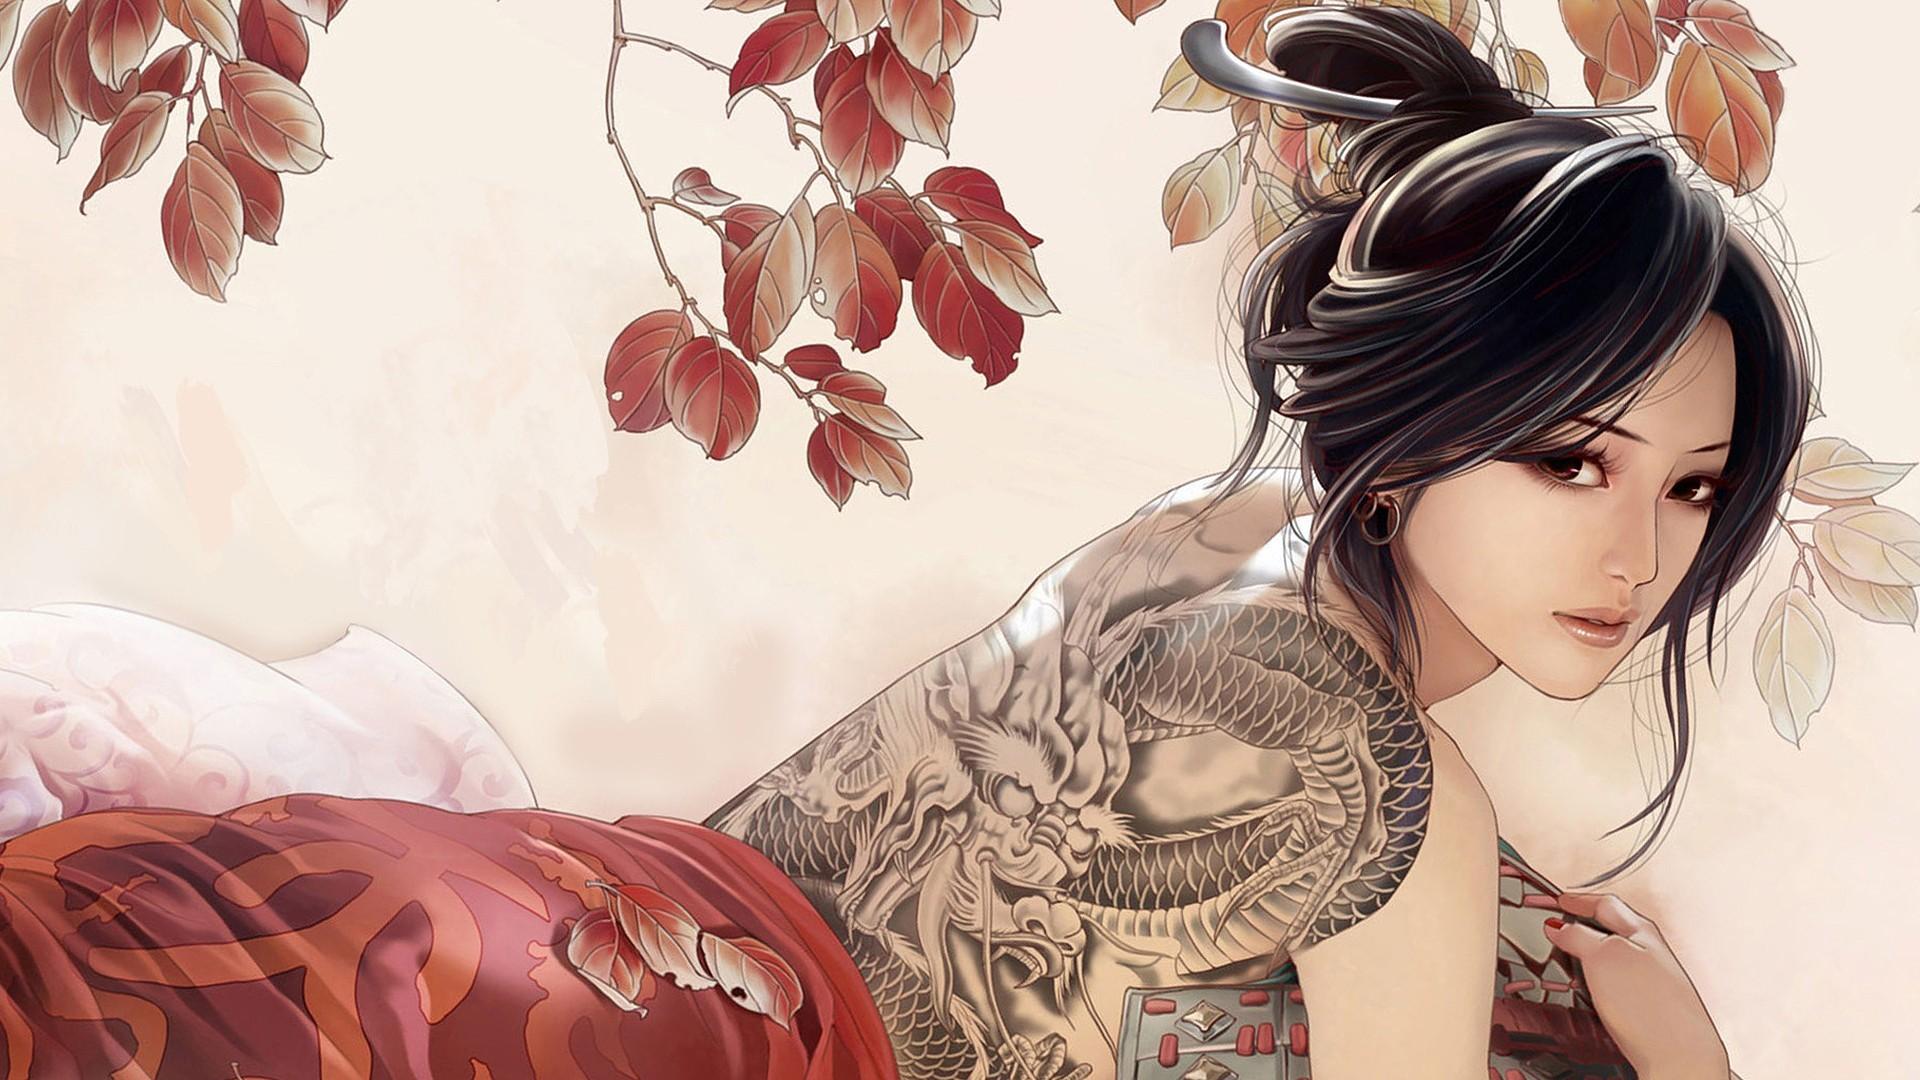 Обои на рабочий стол на тему татуировки